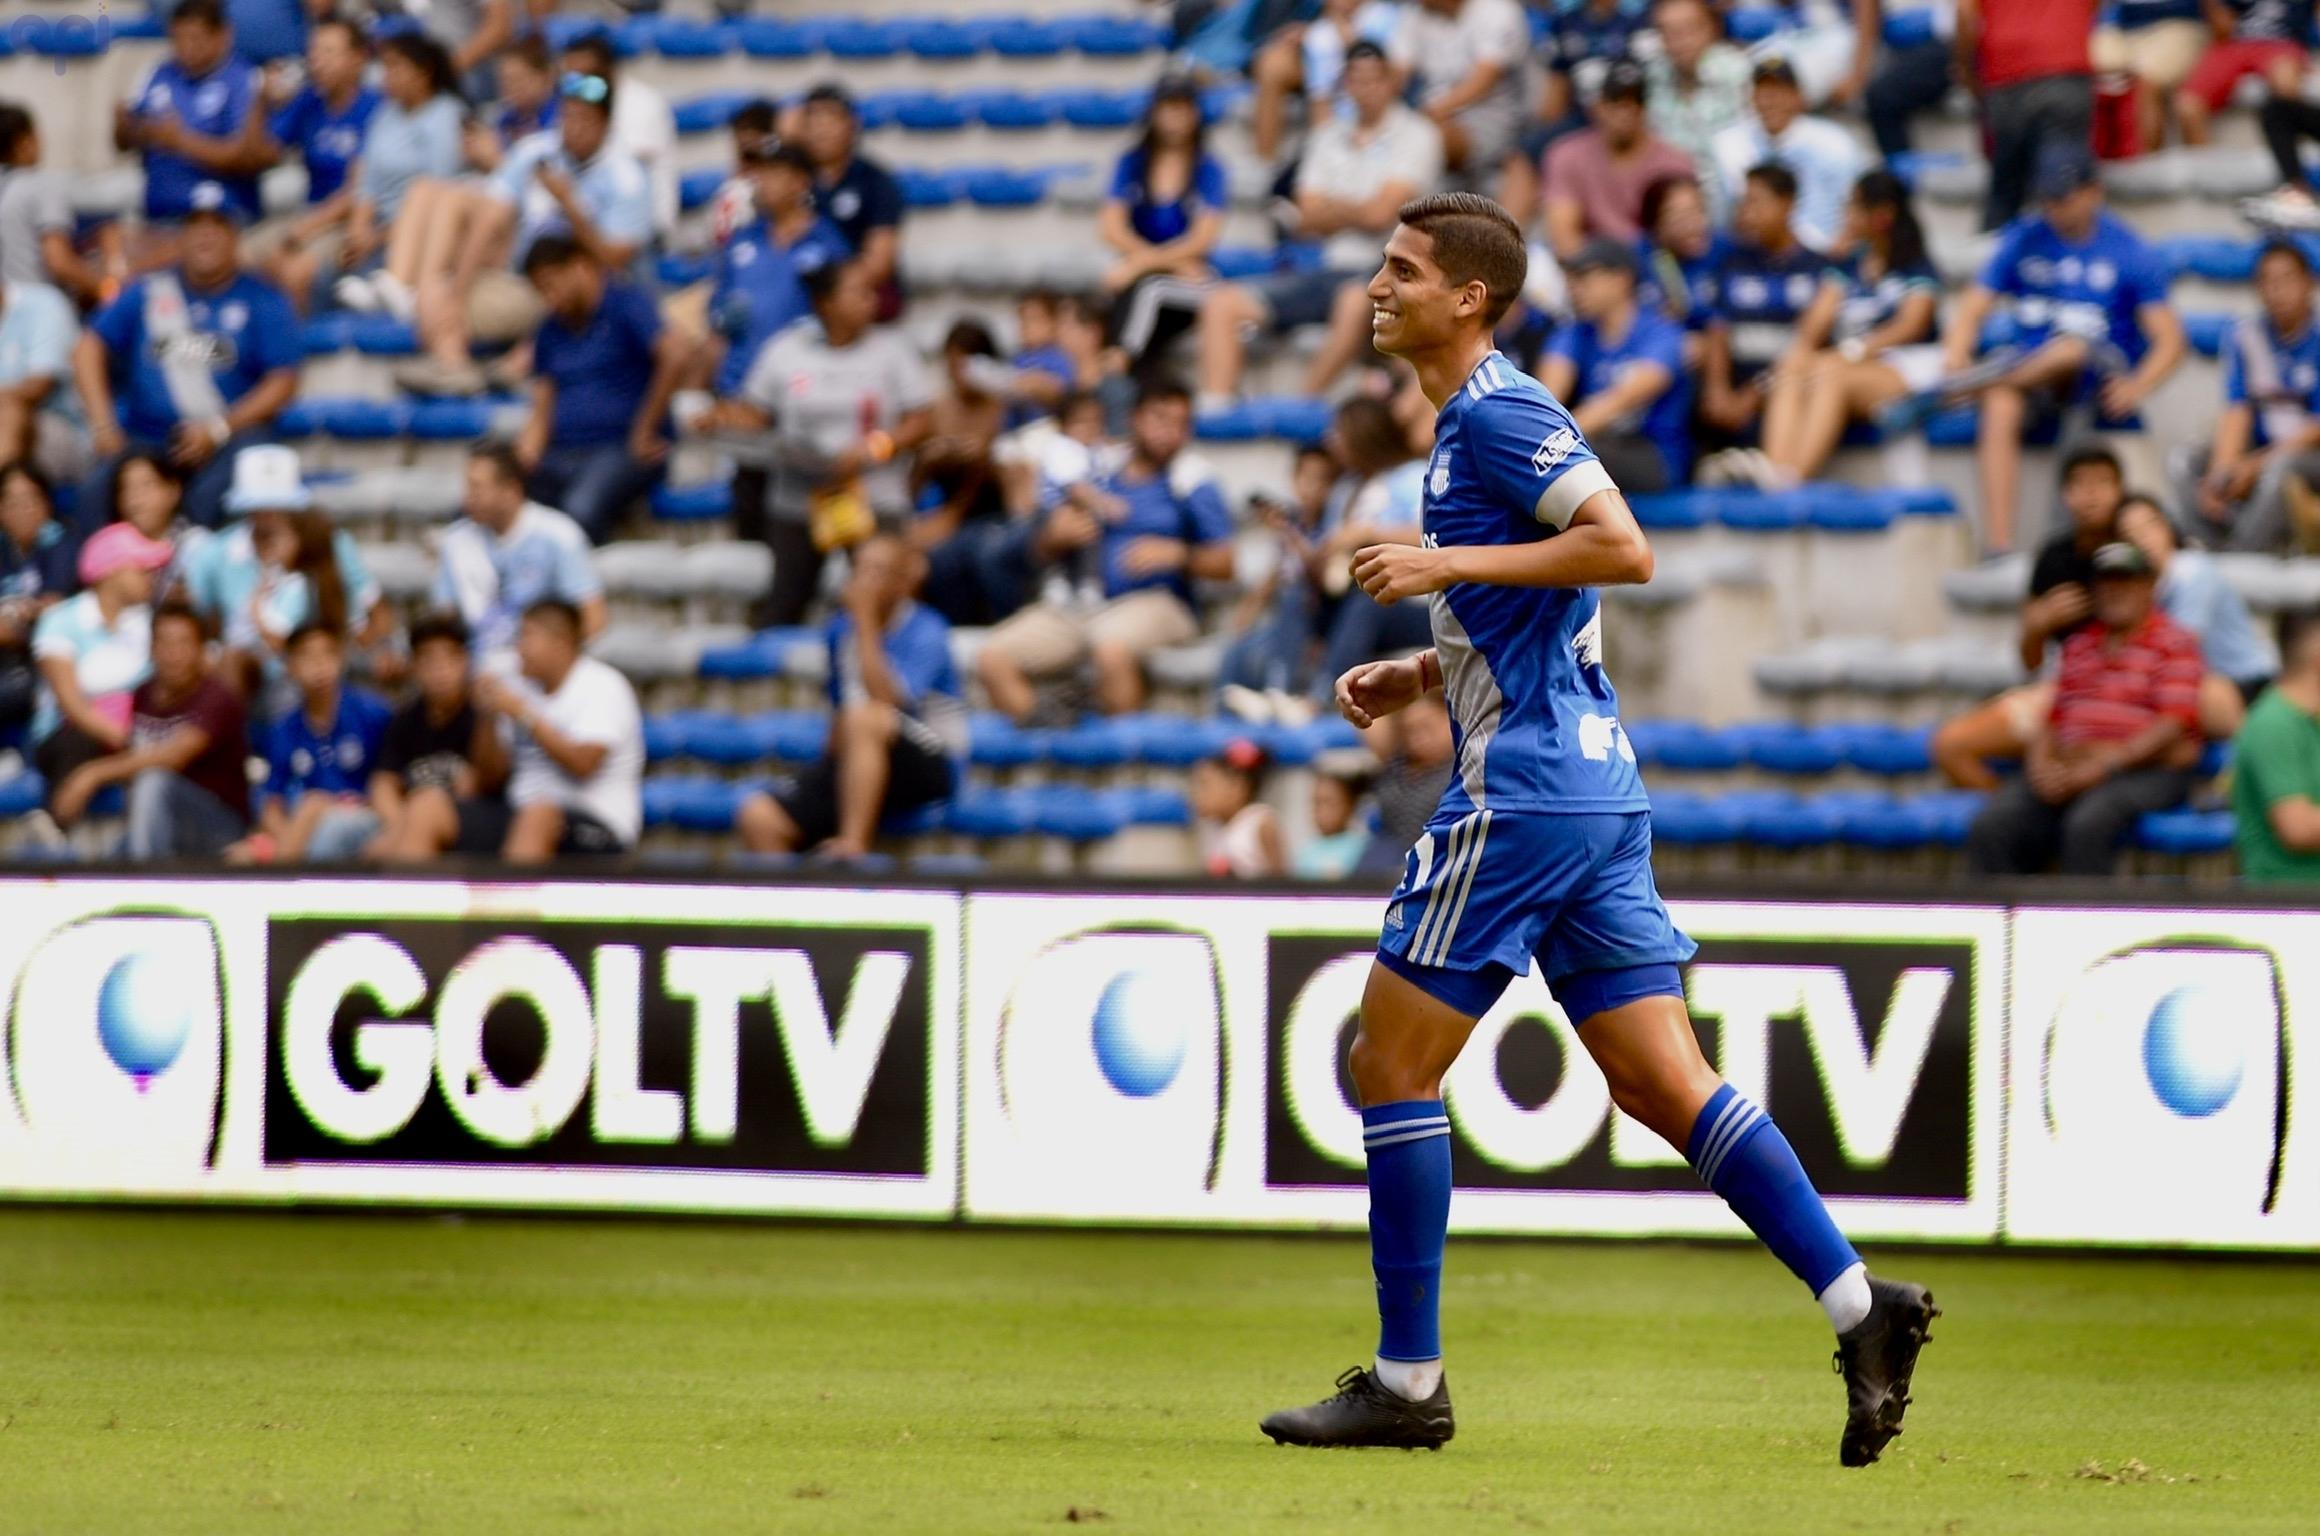 Photo of SE PRENDIÓ EL BOMBILLO: Emelec goleo 4-0 al Aucas en el Capwell